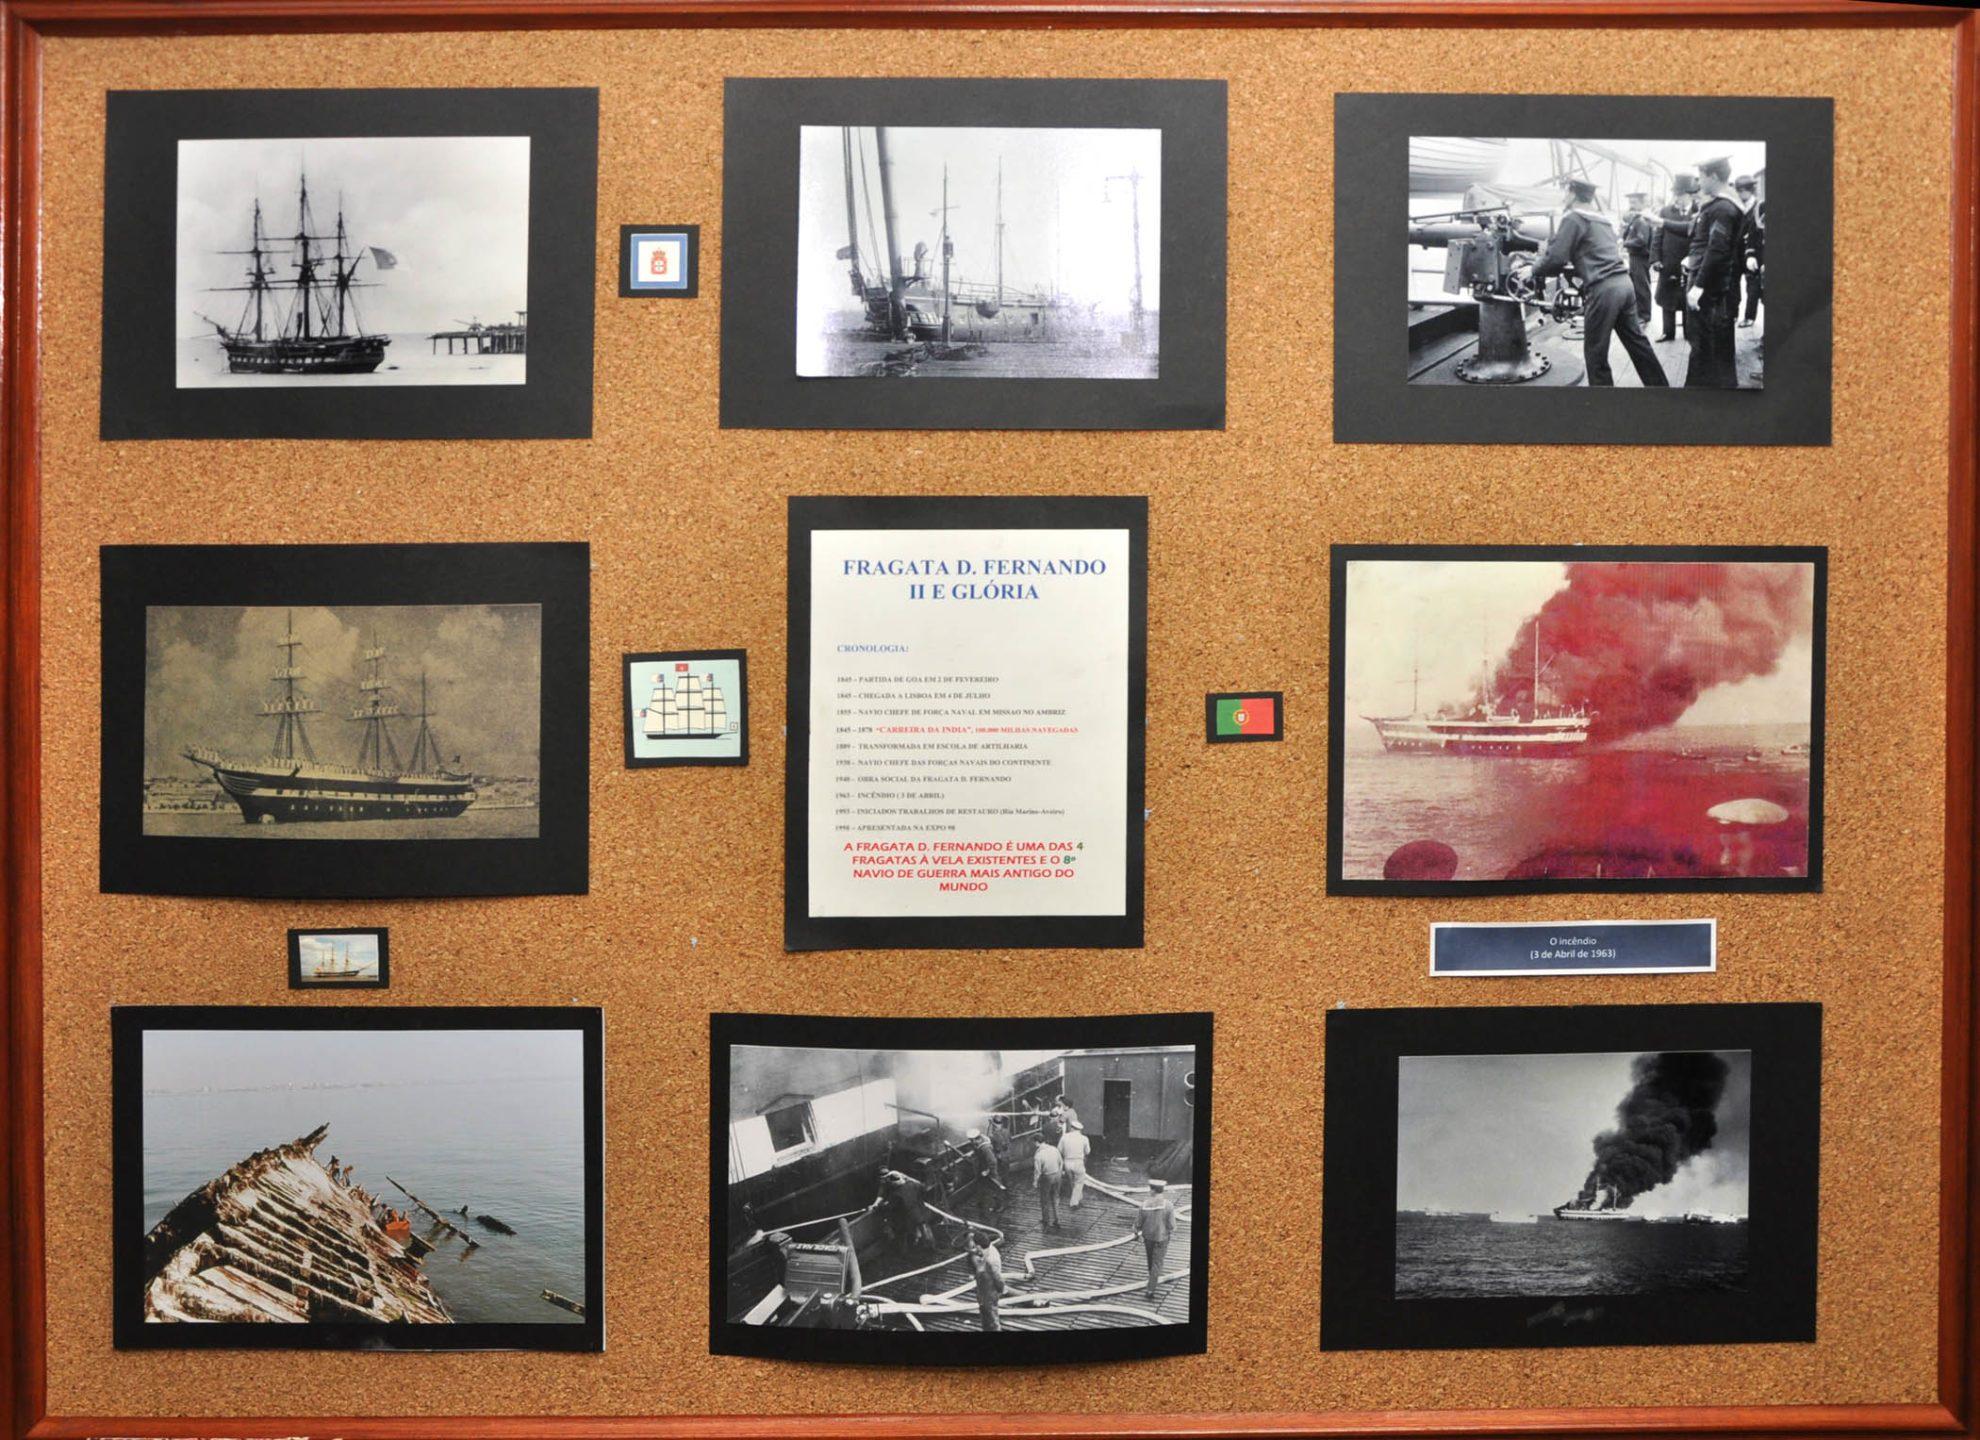 Стенд с фотографиями фрегата «Дон Фернанду II э Глория» в экспозиции на борту корабля-музея.